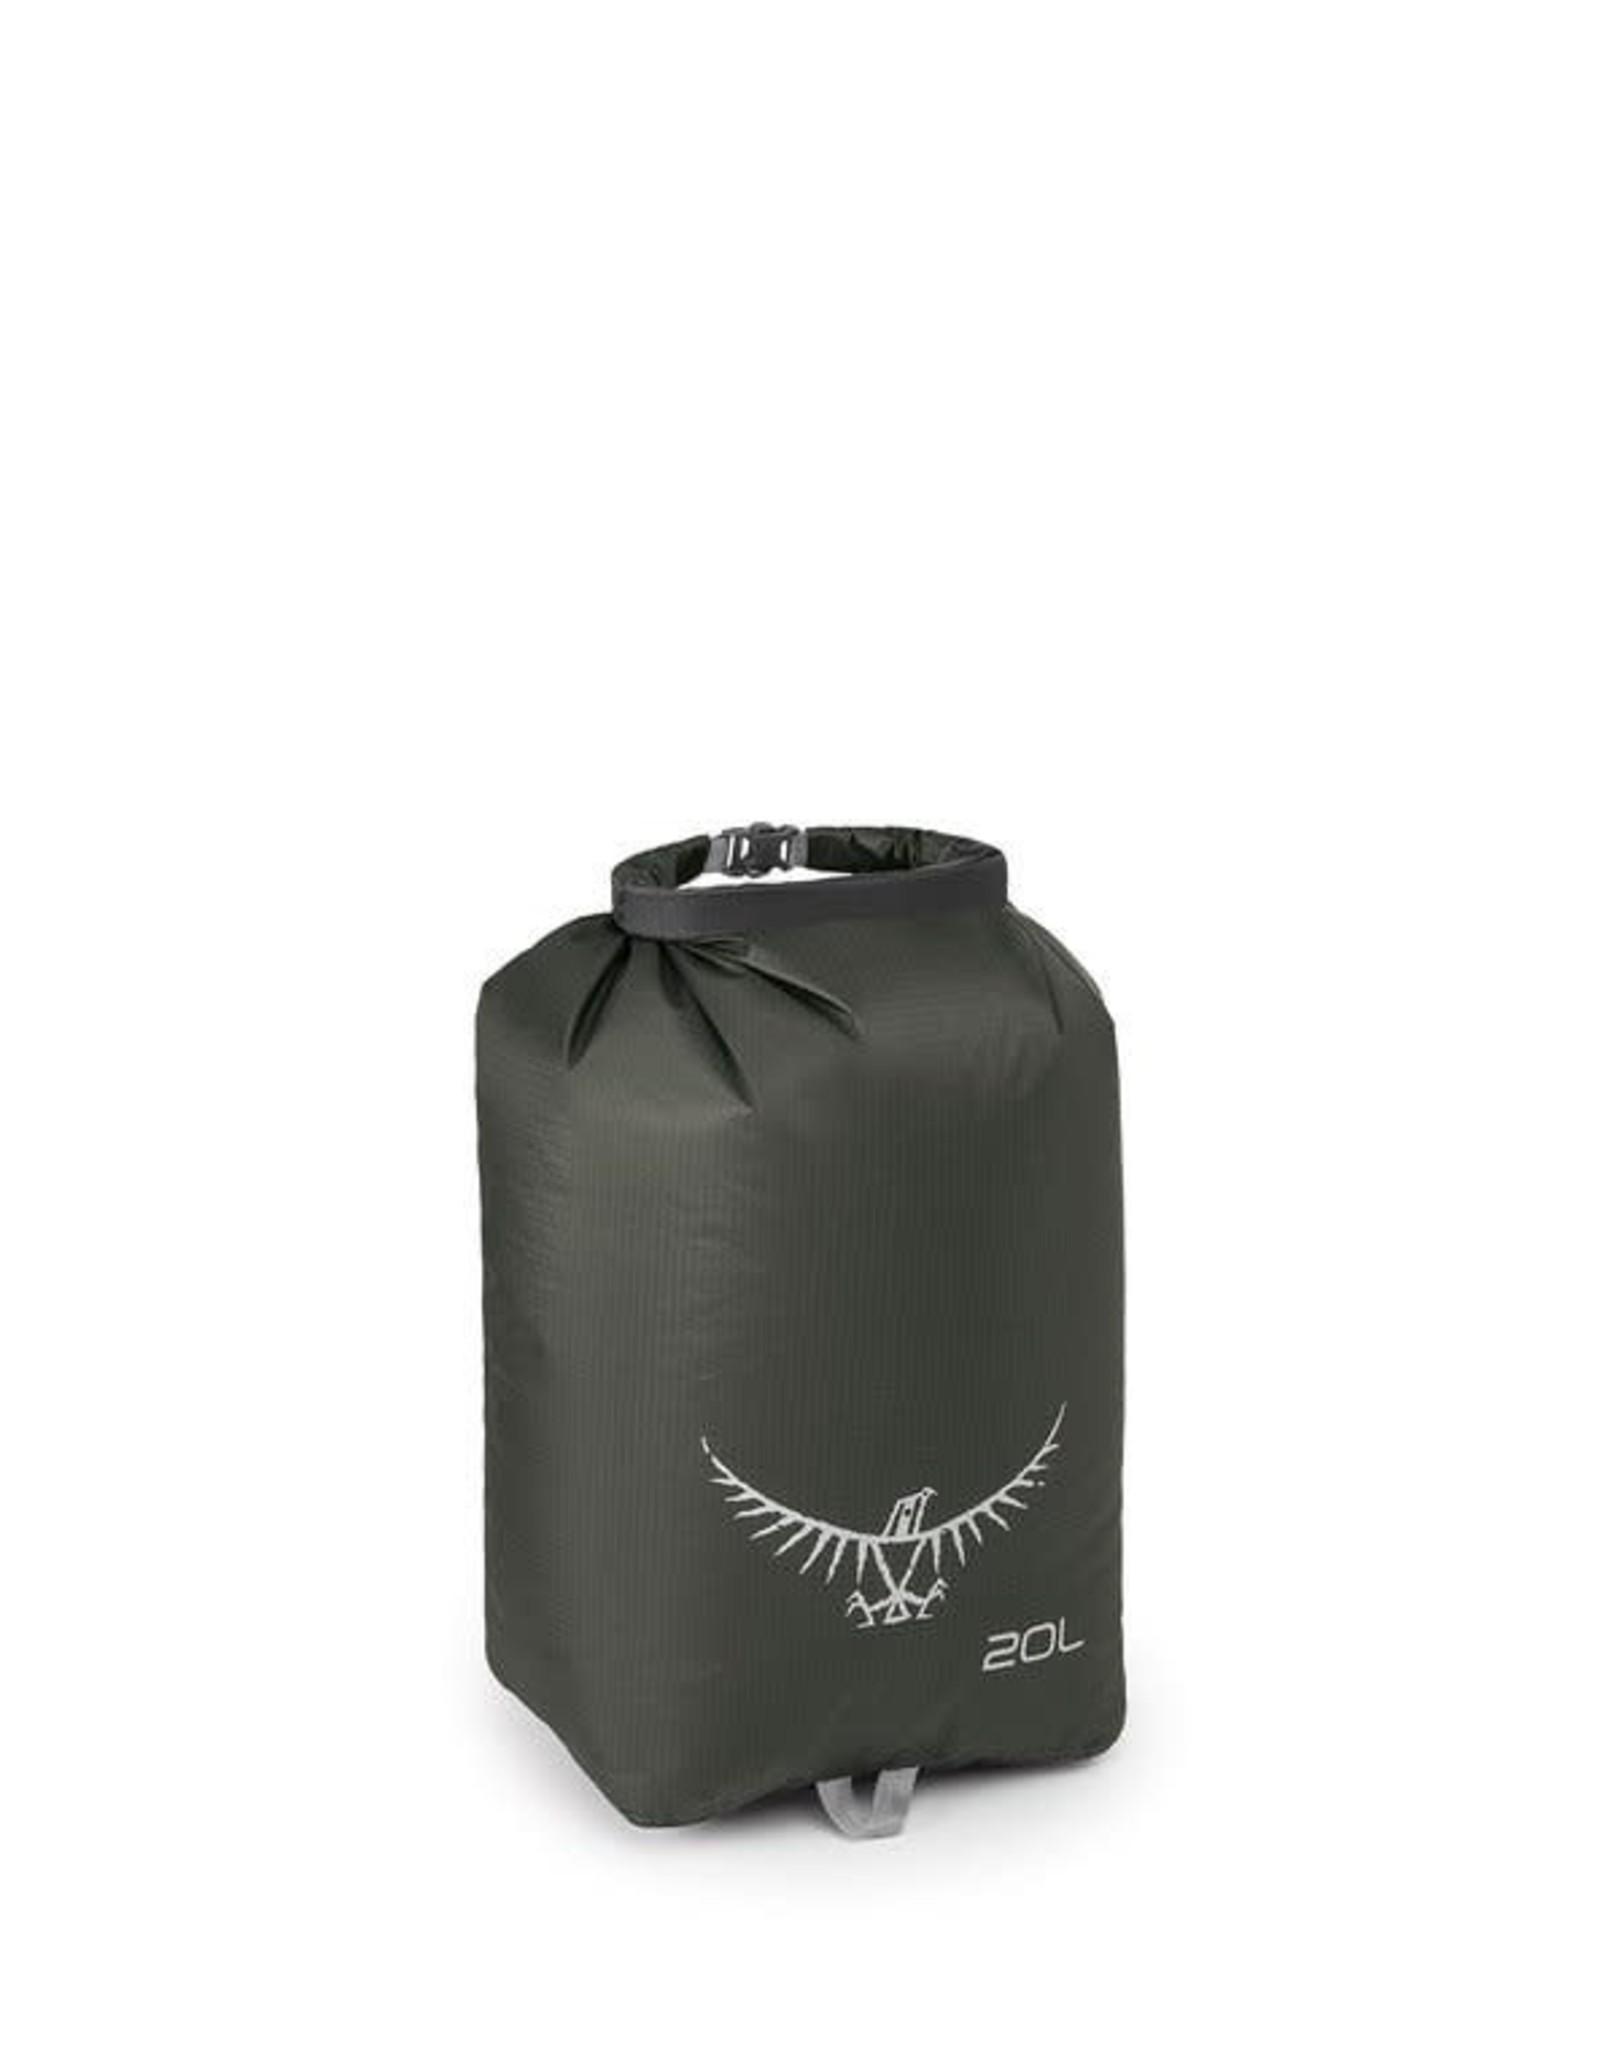 Osprey Osprey Ultralight Dry Sack 20L